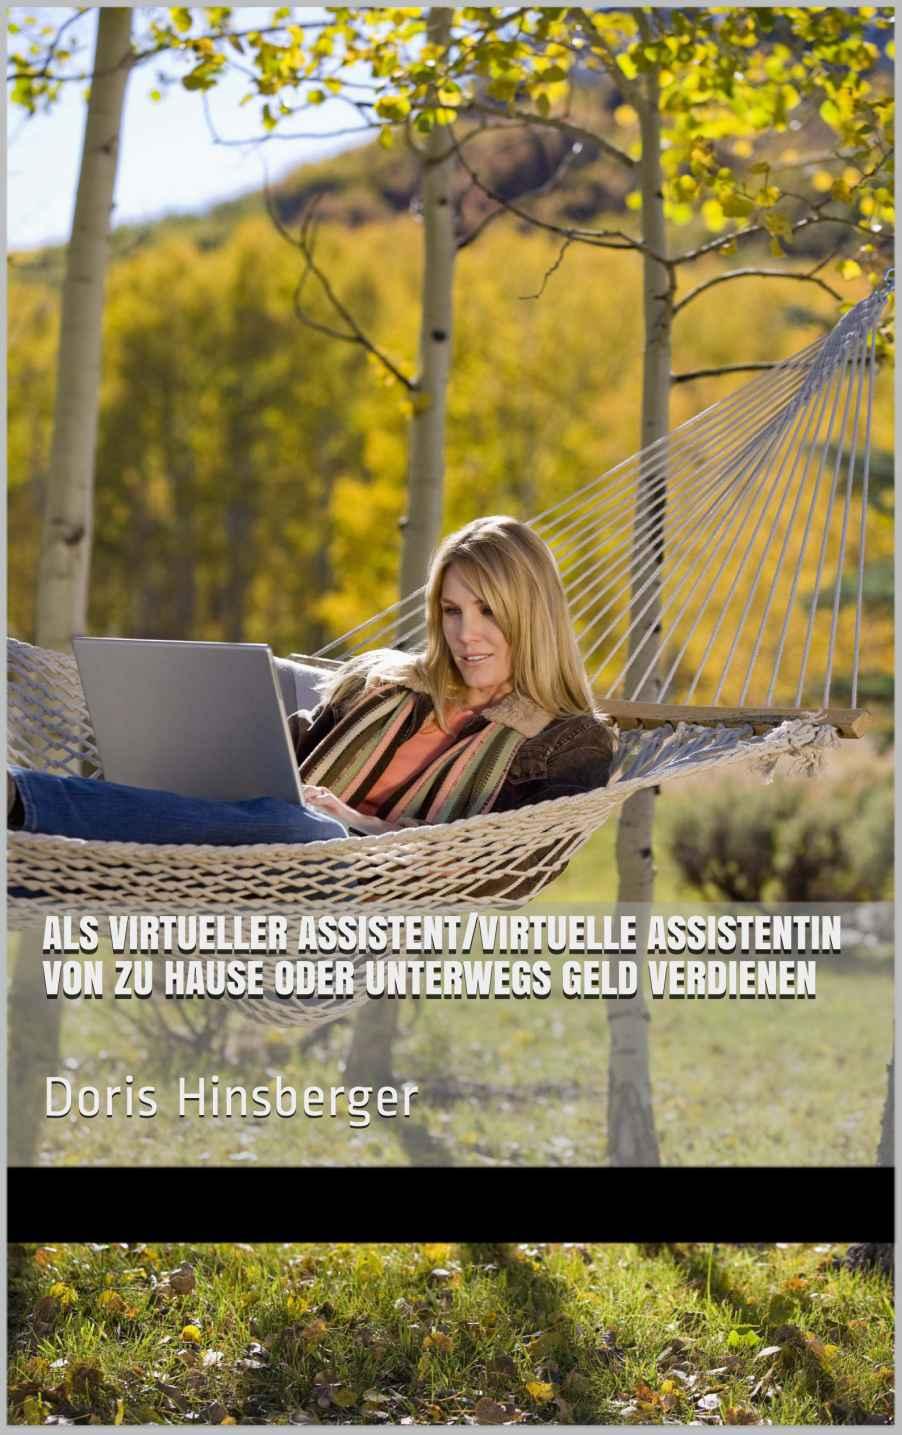 Doris Hinsberger – Als virtueller Assistent/virtuelle Assistentin von zu Hause oder unterwegs Geld verdienen